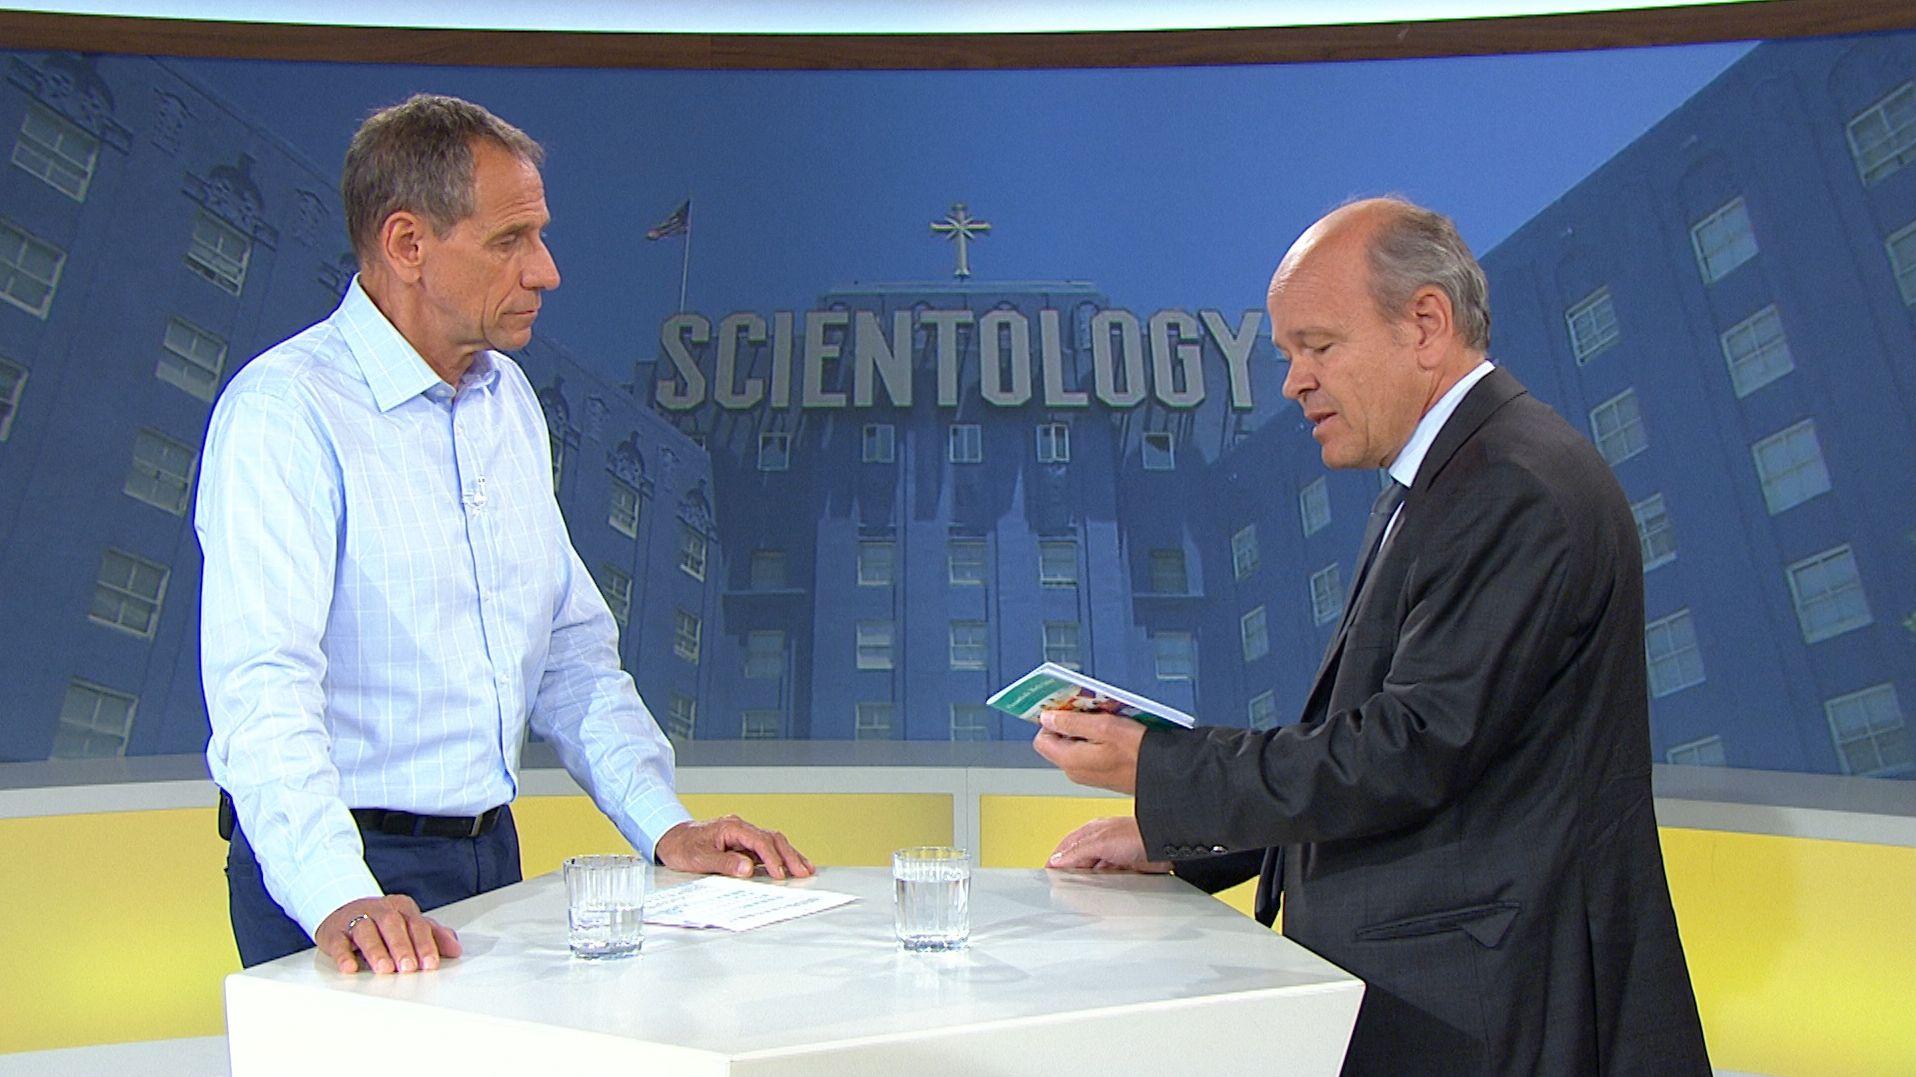 In Günzburg landen derzeit Infobroschüren in vielen Briefkästen. Dahinter soll eine Tarnorganisation von Scientology stecken.